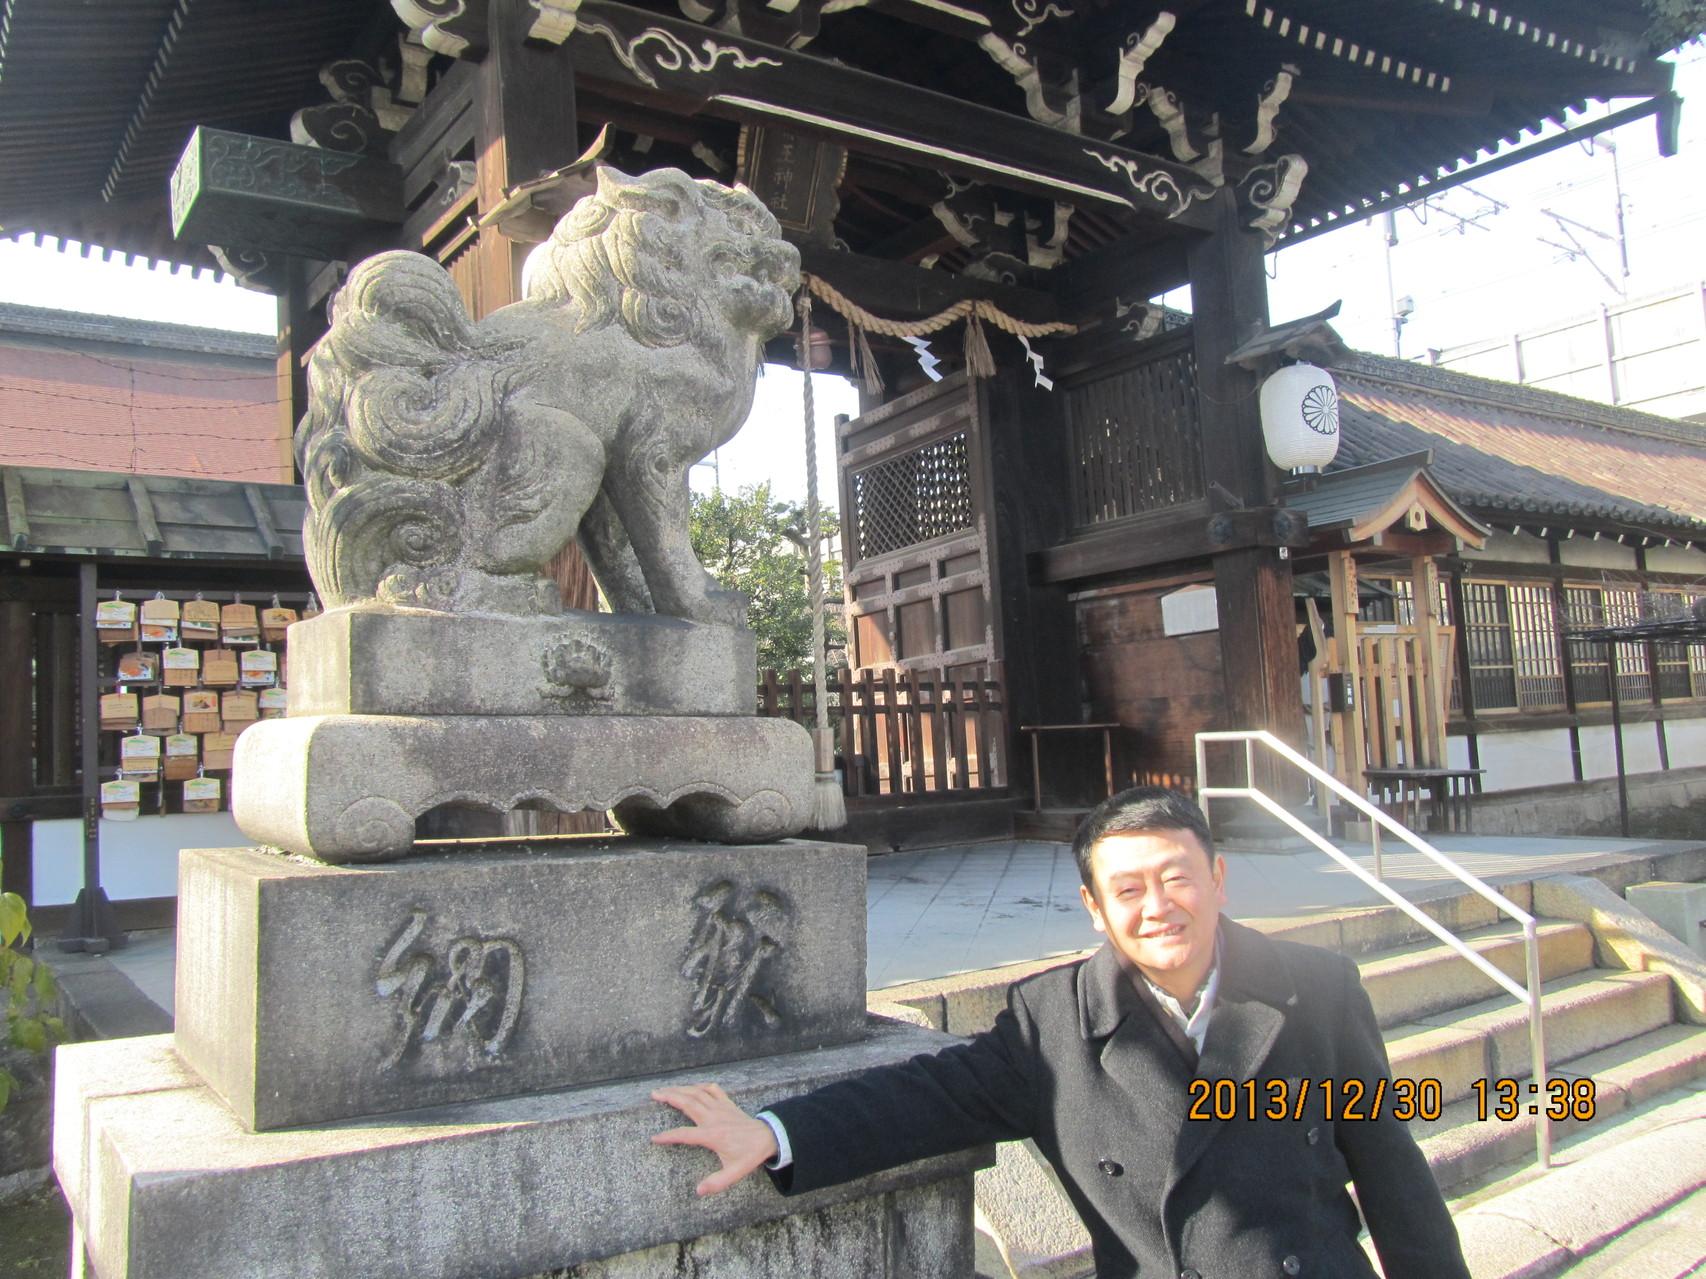 六孫王(ろくそんおう)神社。我が片桐家の先祖、源 経基(みなもとのつねもと)が祀(まつ)られています。